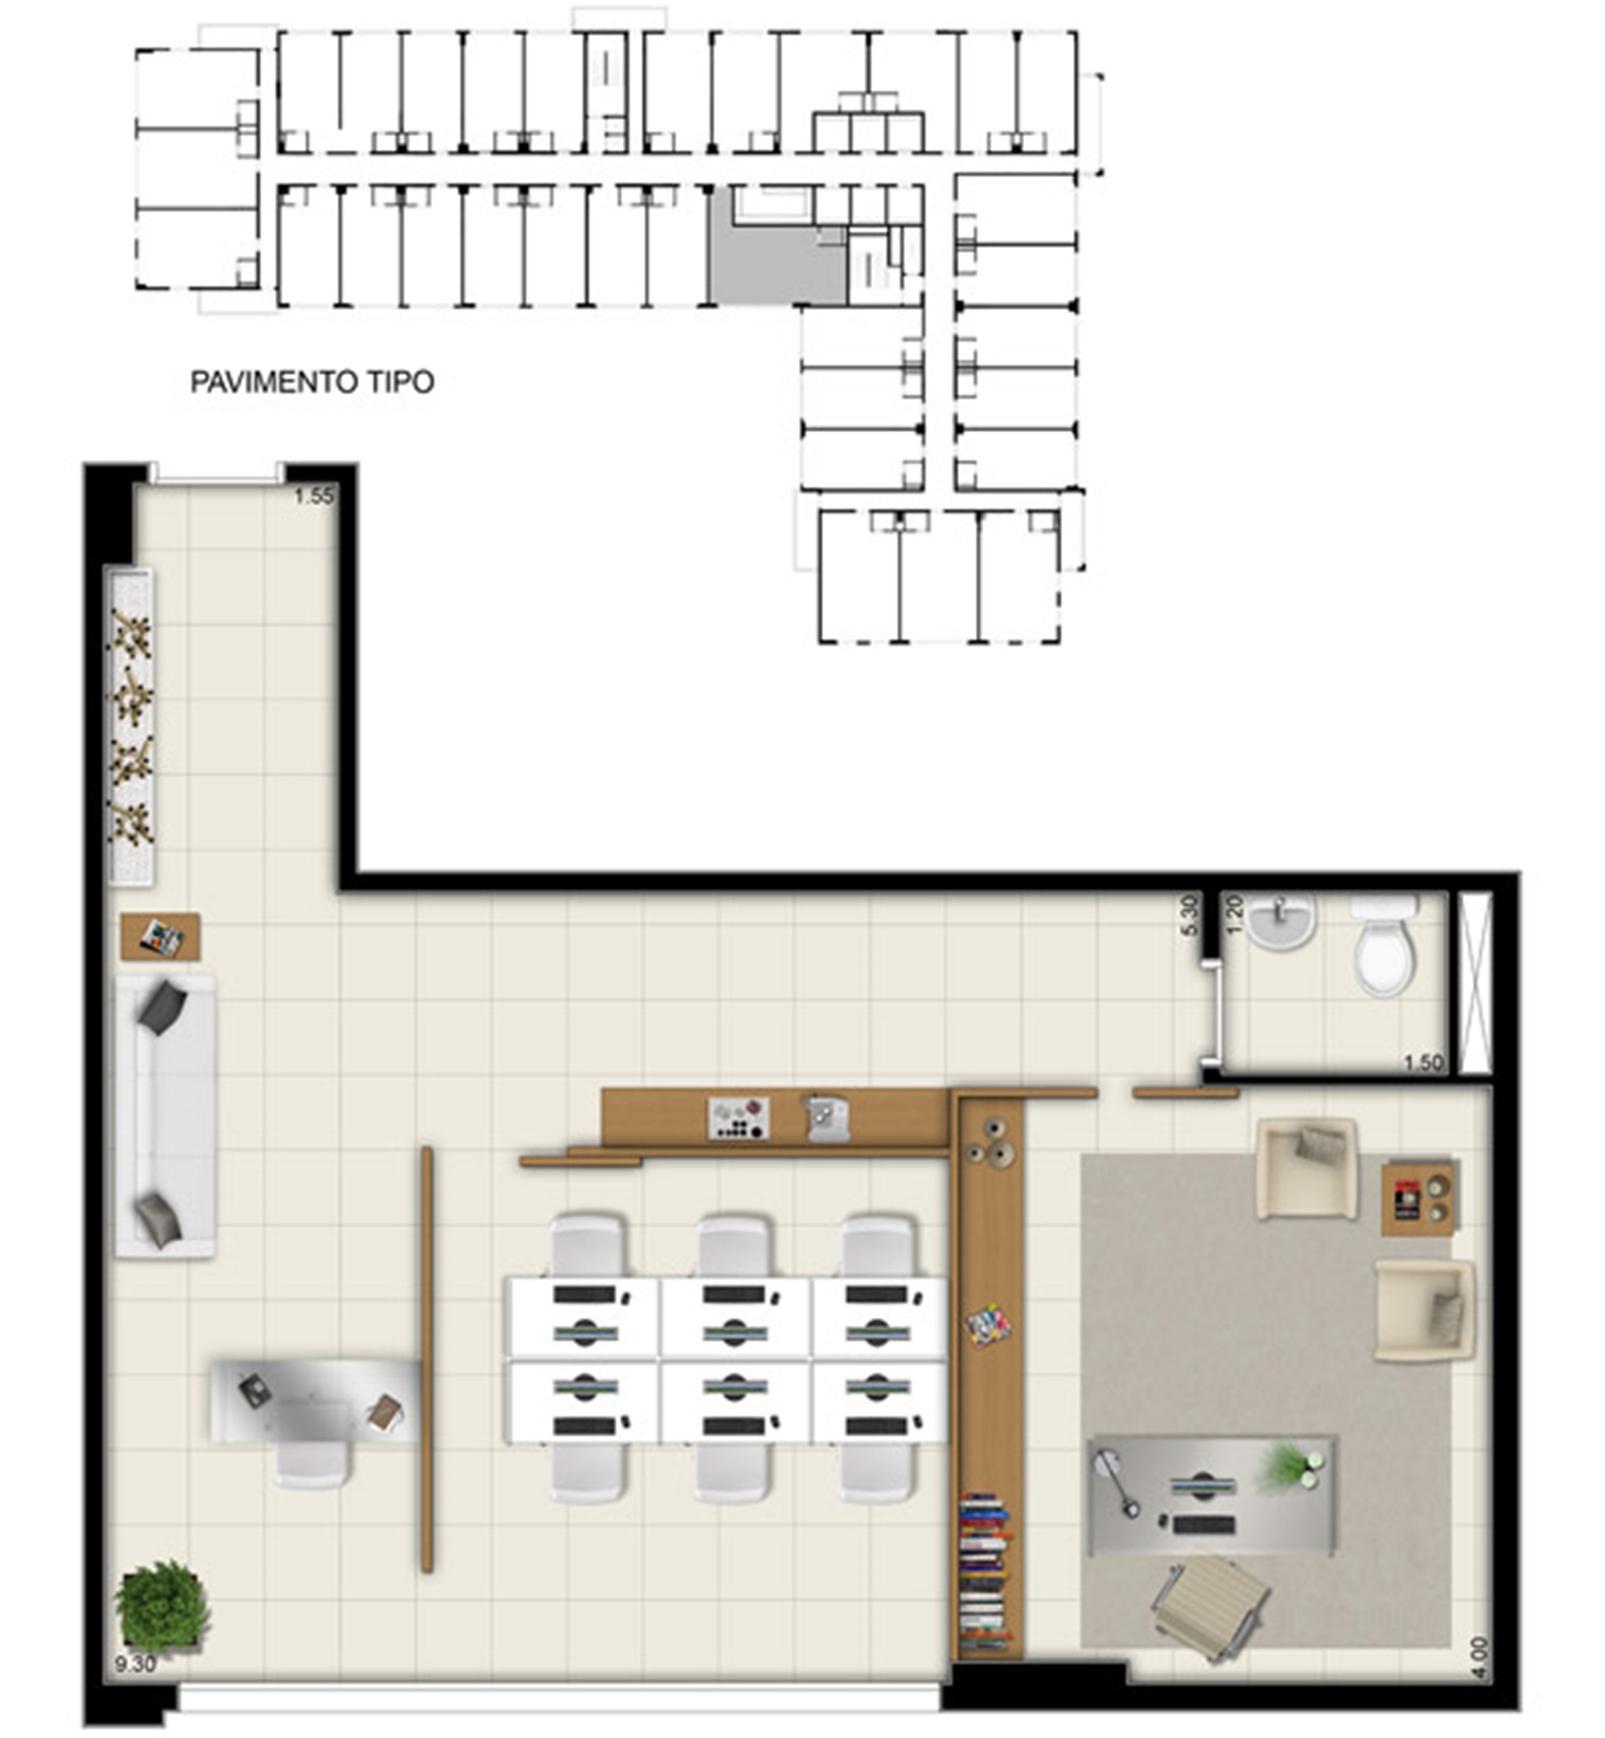 Planta da sala comercial de 58 m² | Pátio Jardins – Salas Comerciaisem  Altos do Calhau - São Luís - Maranhão